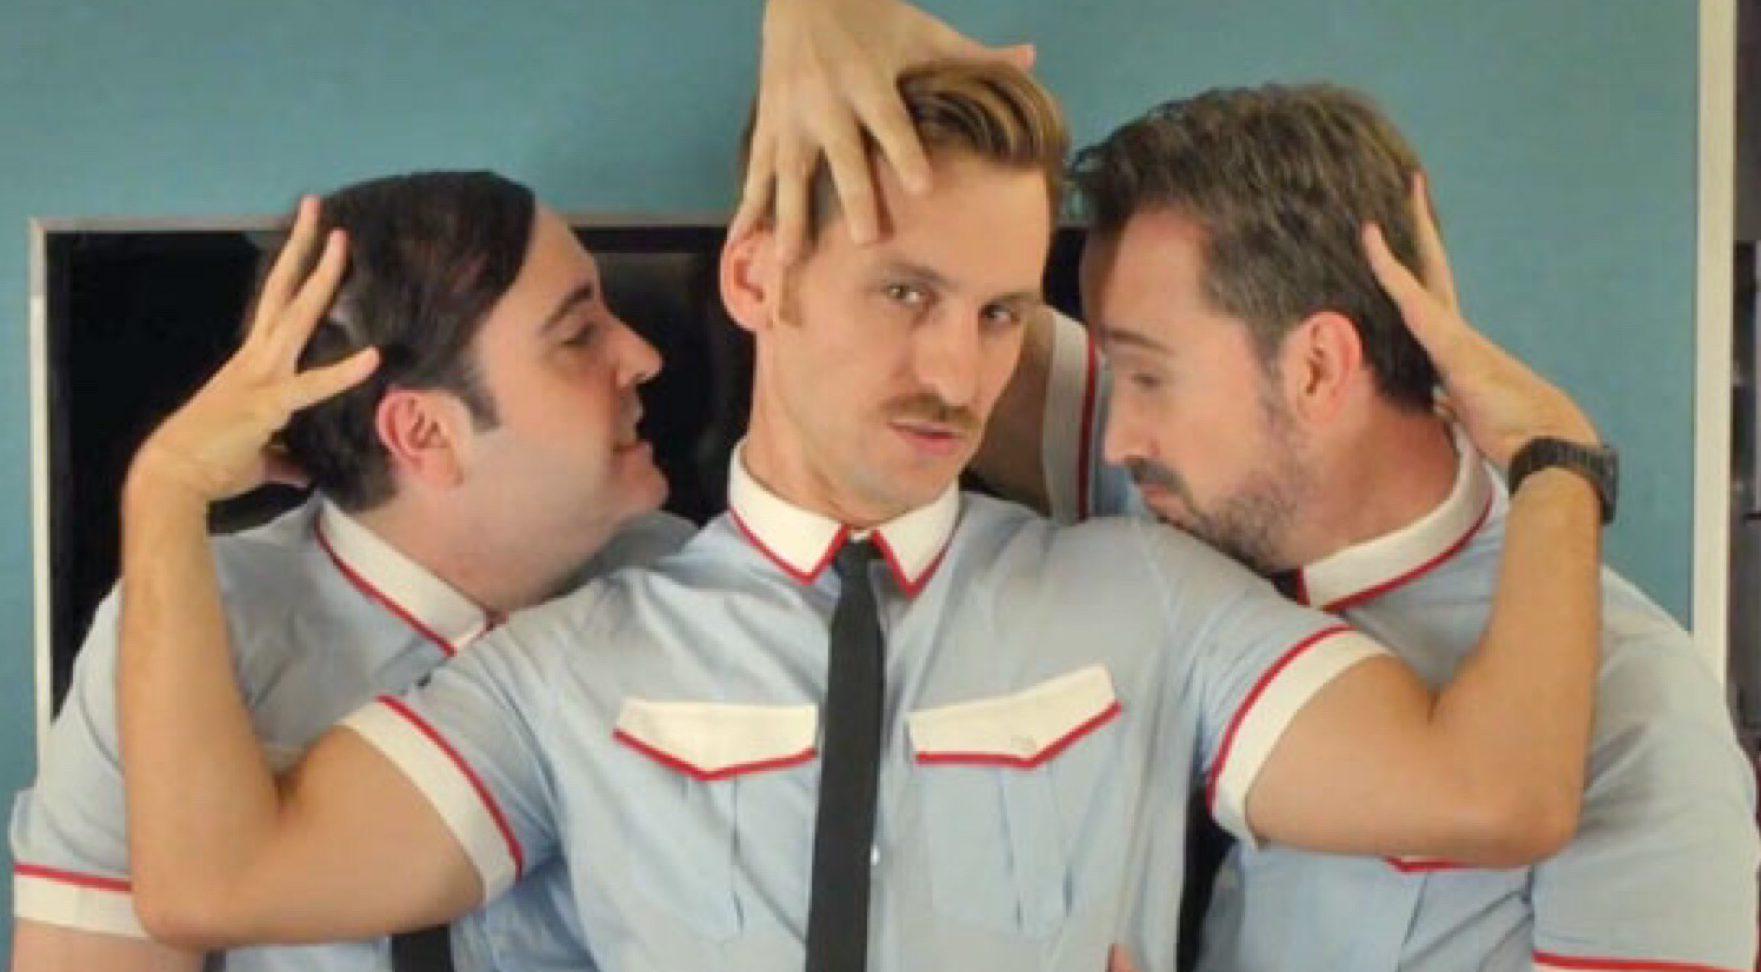 Gay flight attendant hookup